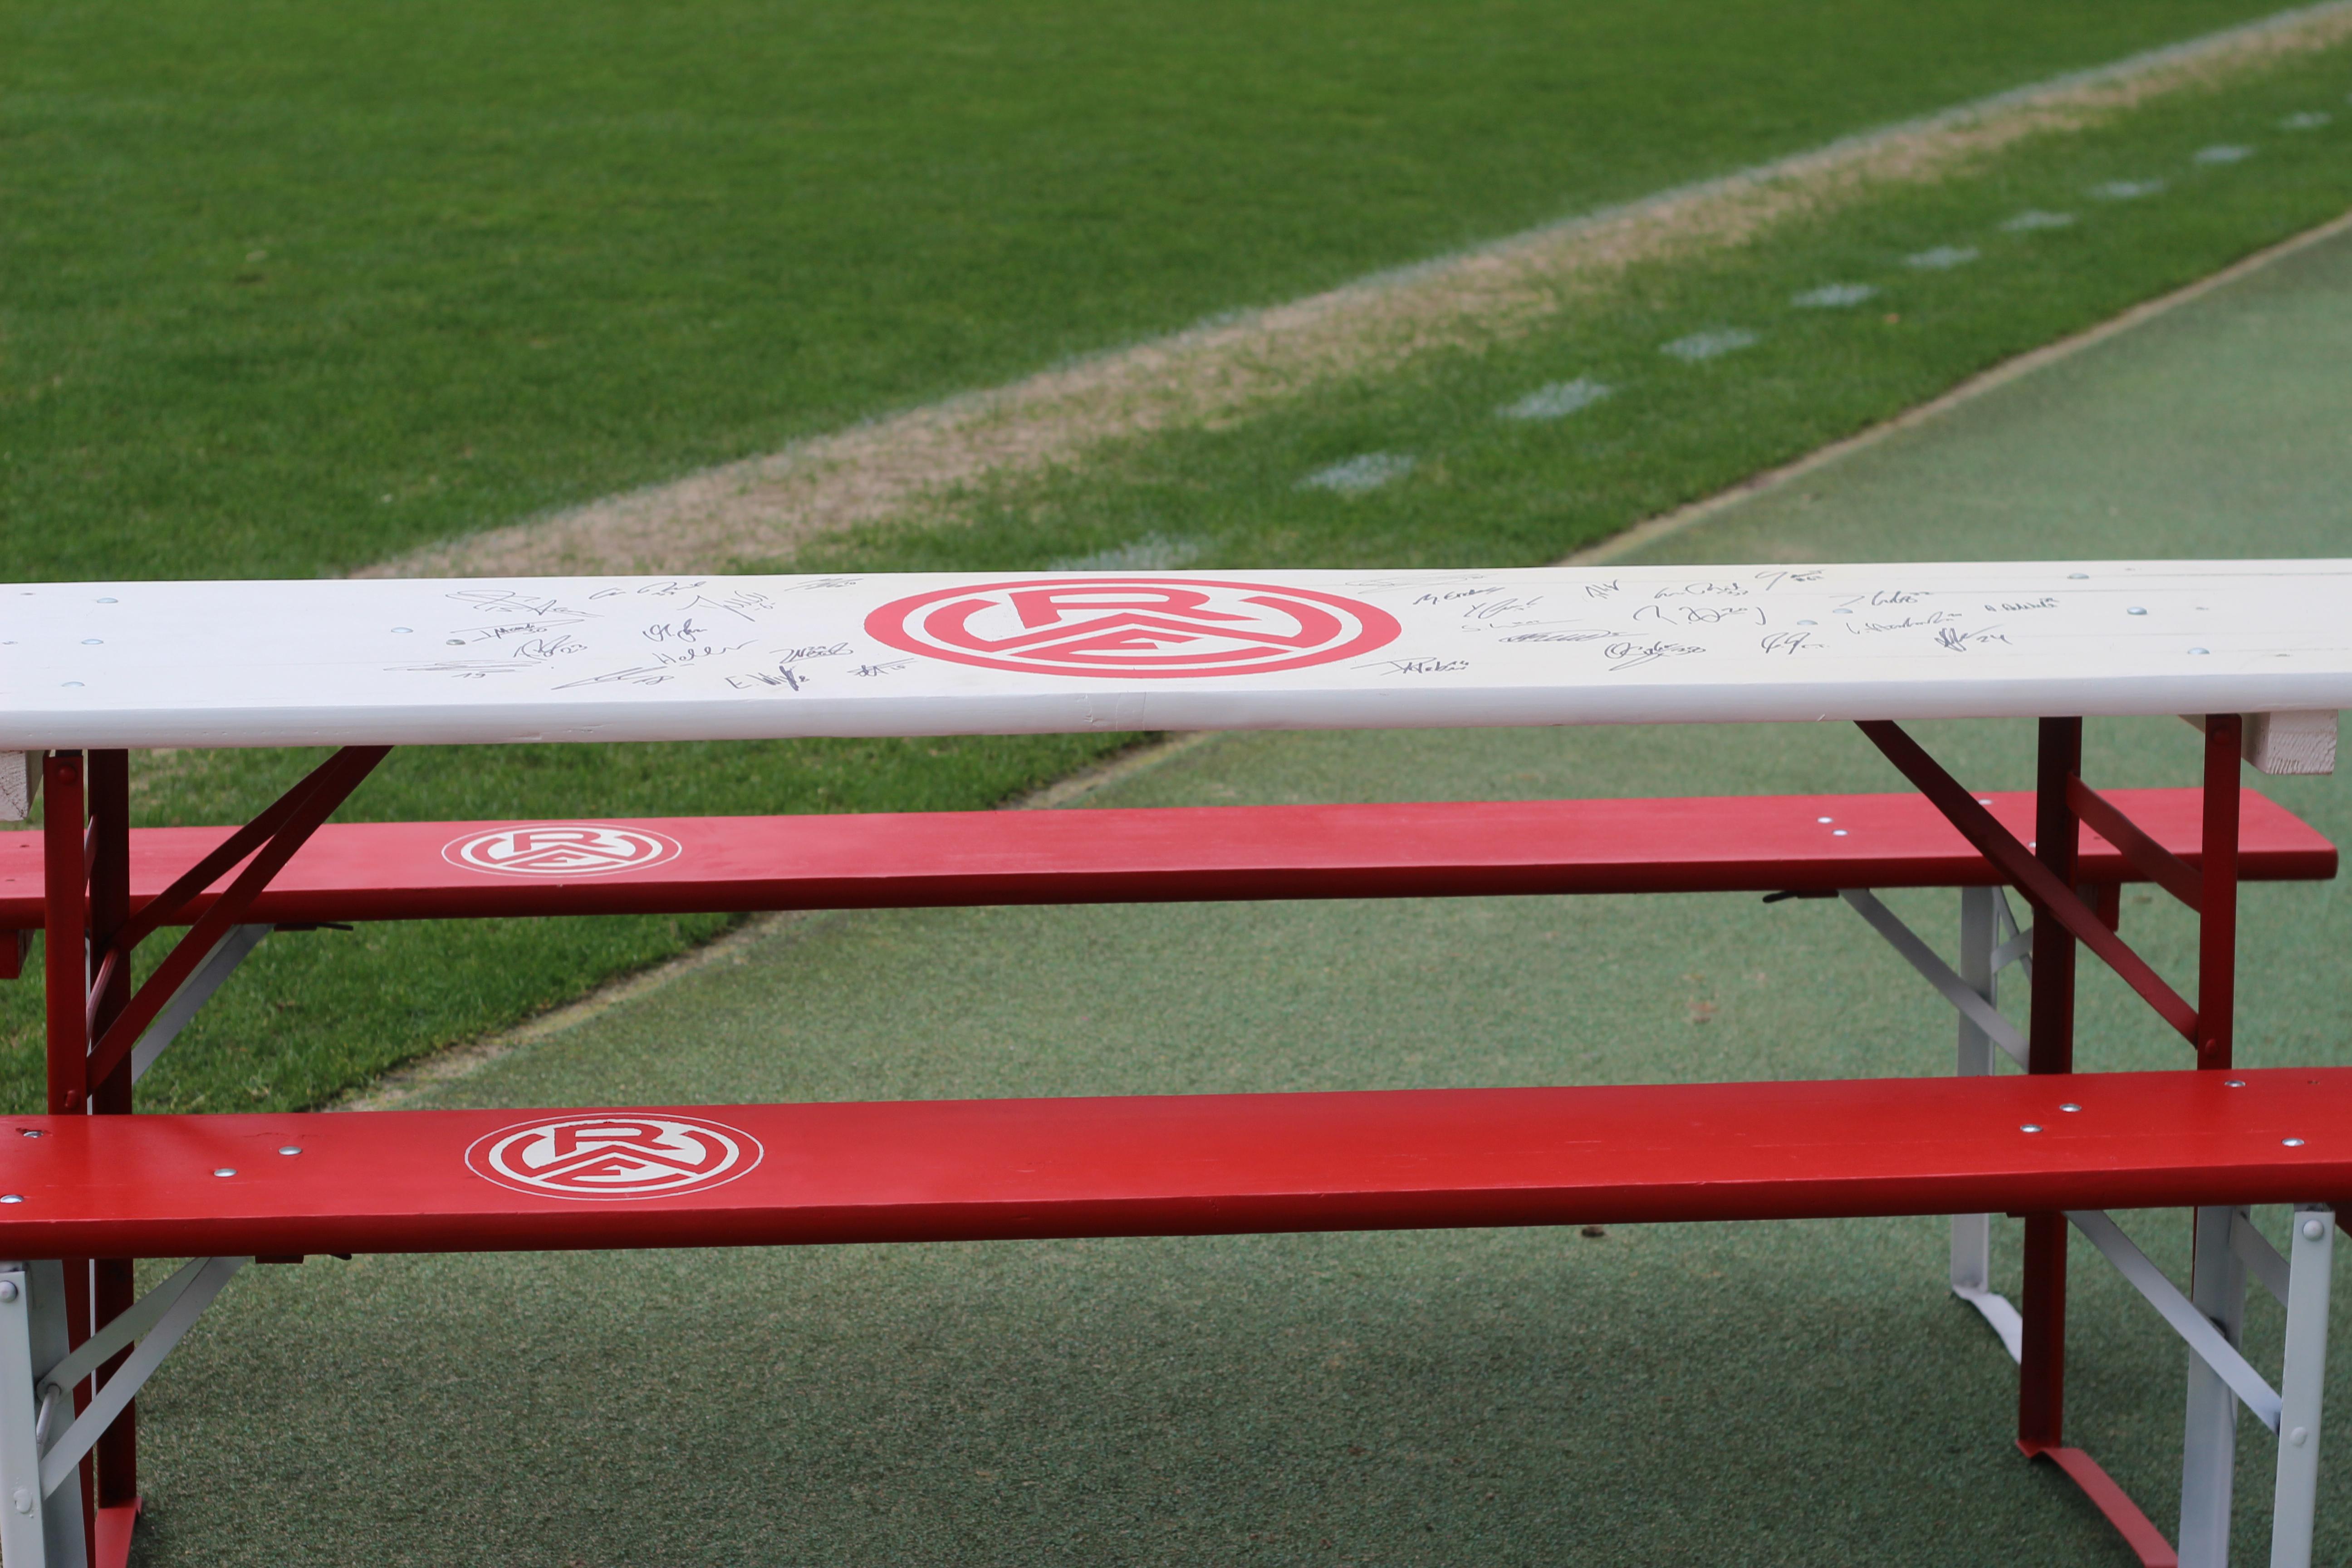 Ab sofort können RWE-Fans eine siginierte rot-weisse Bierzeltgarnitur erwerben.